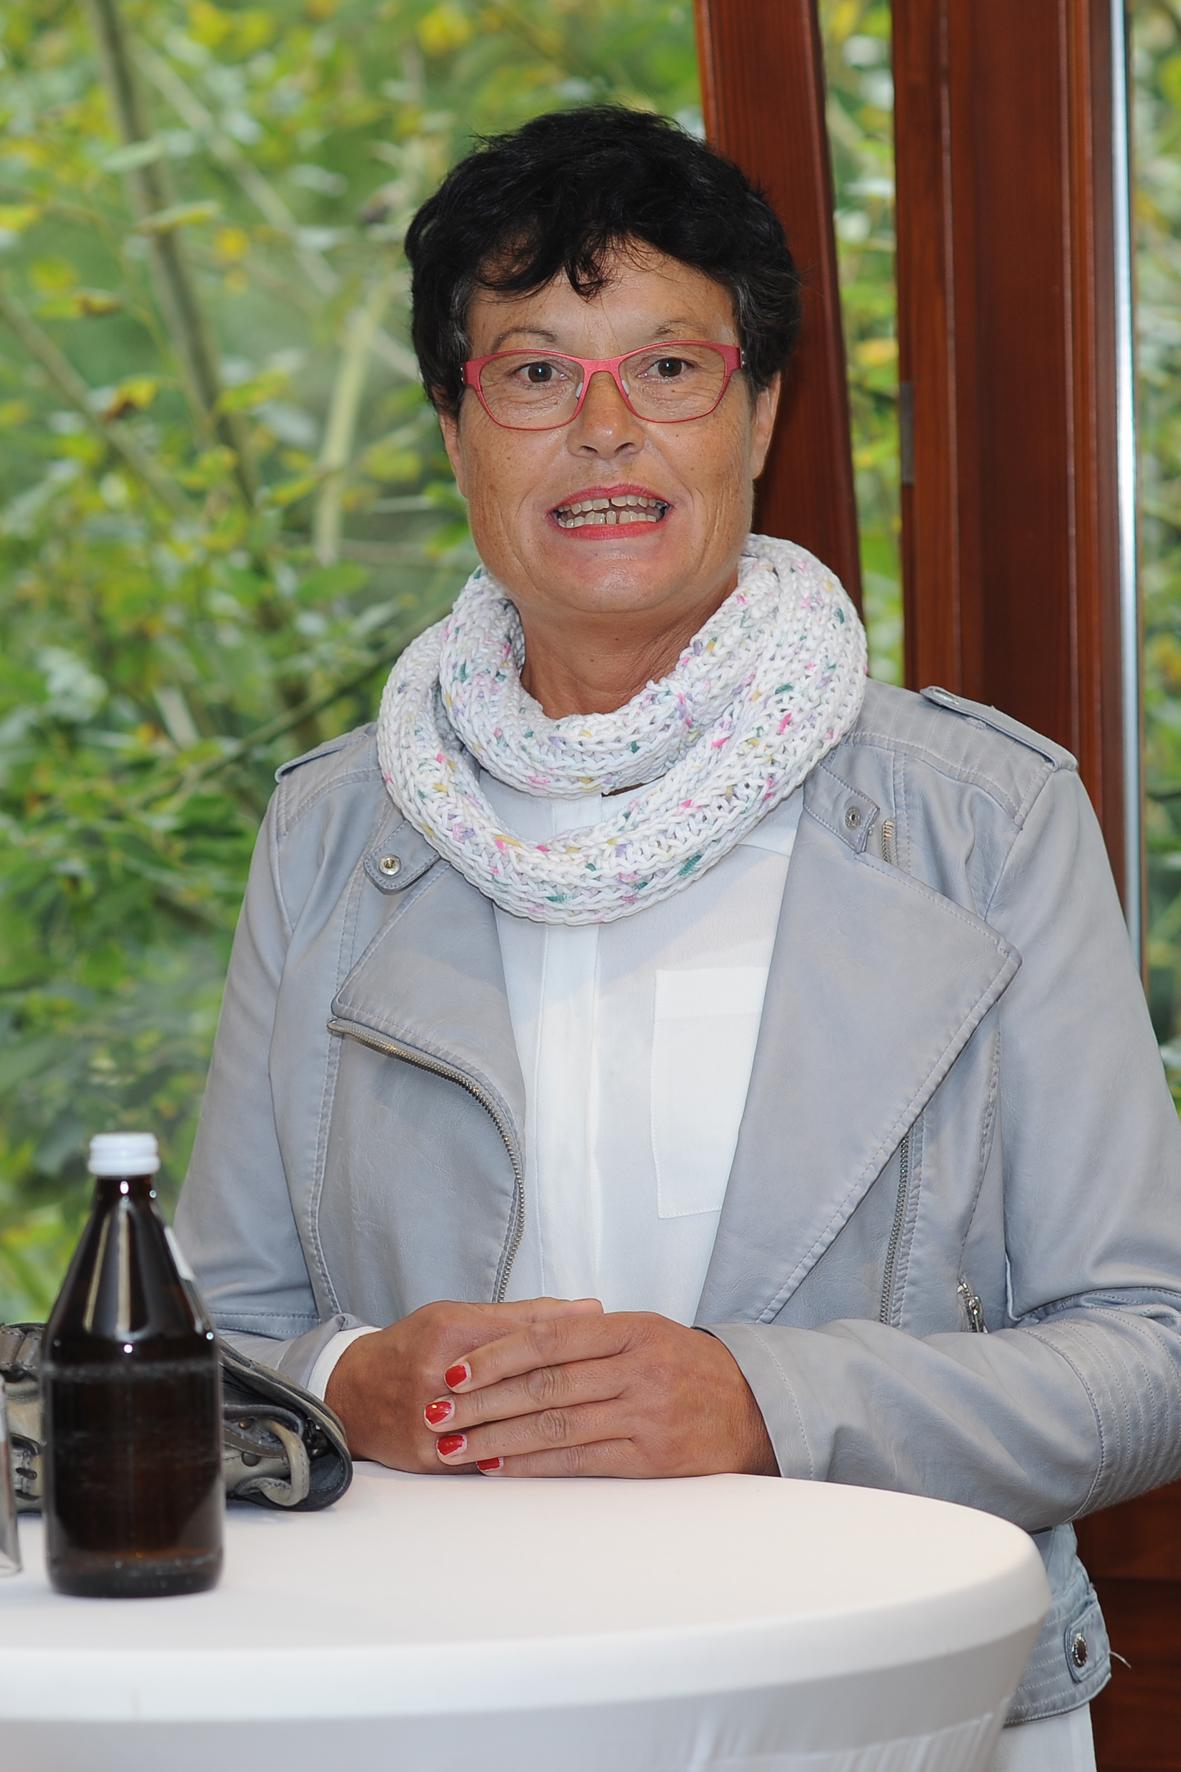 Frau Kaulertz